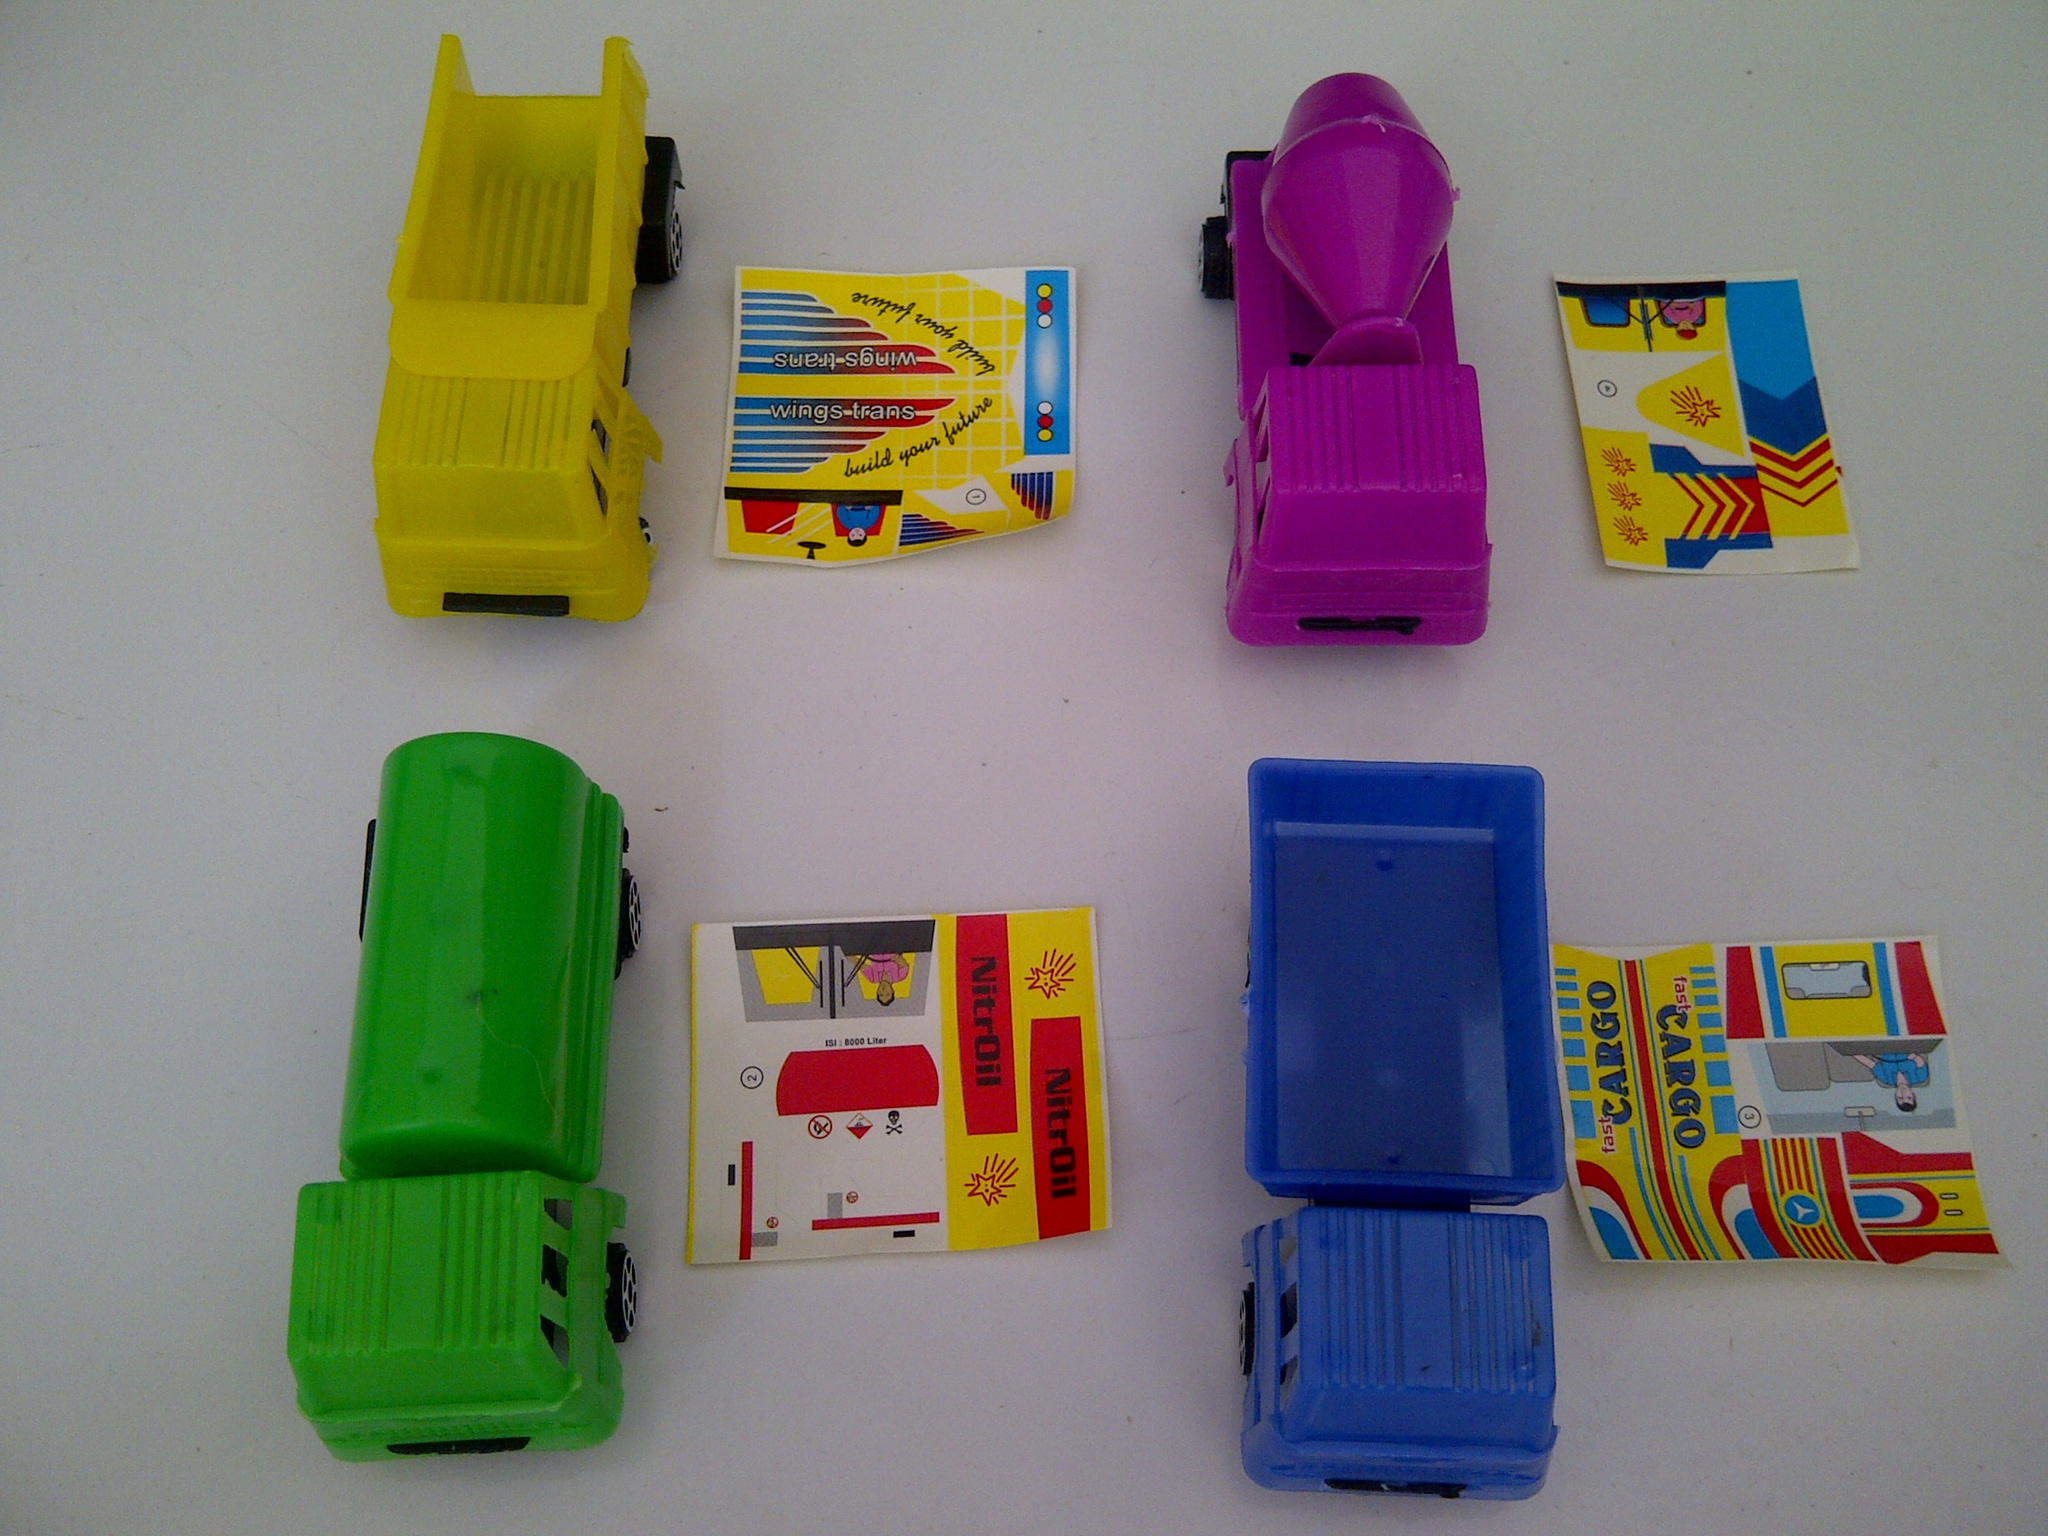 Jual Mobil Truk Konstruksi Truck Molen Kontraktor Car Mainan Anak Edukasi - Happie Store | Tokopedia